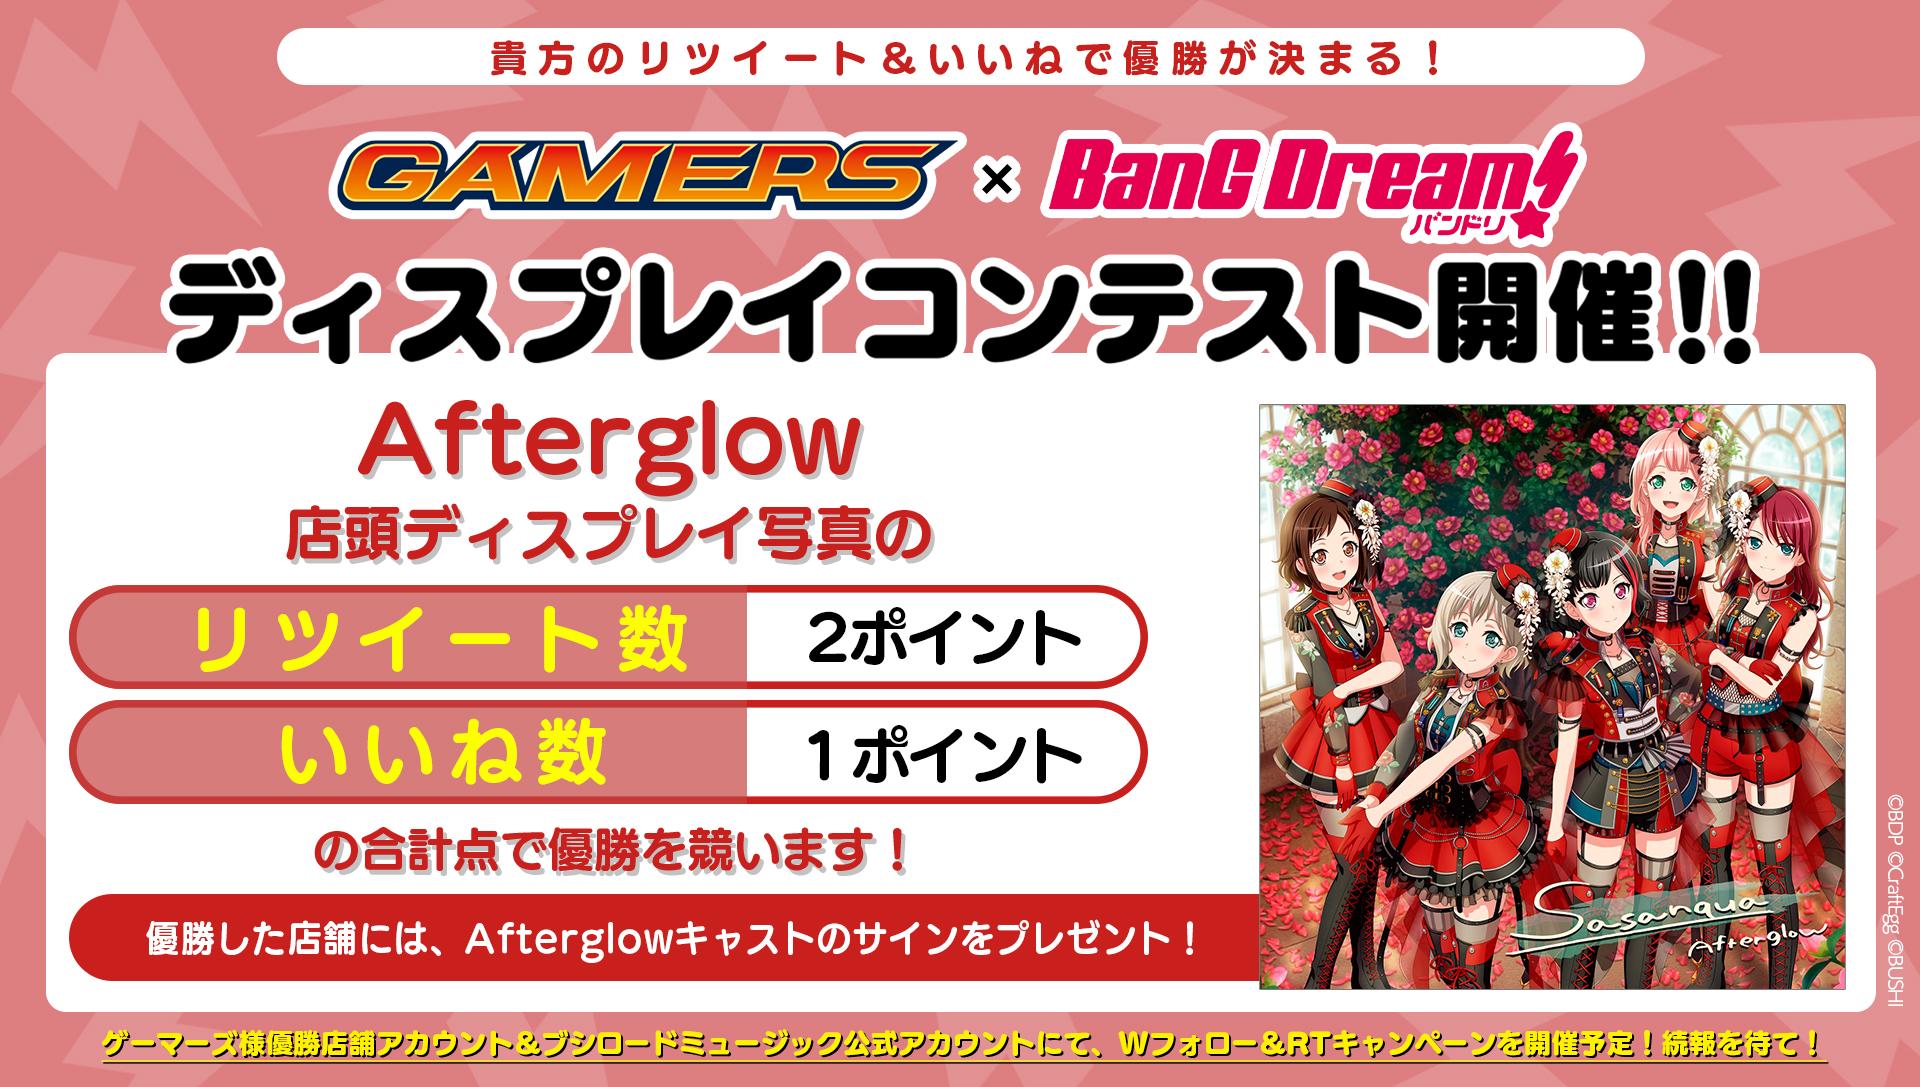 Afterglow 7th Single「Sasanqua」発売記念 ゲーマーズ×BanG Dream!ディスプレイコンテスト開催!